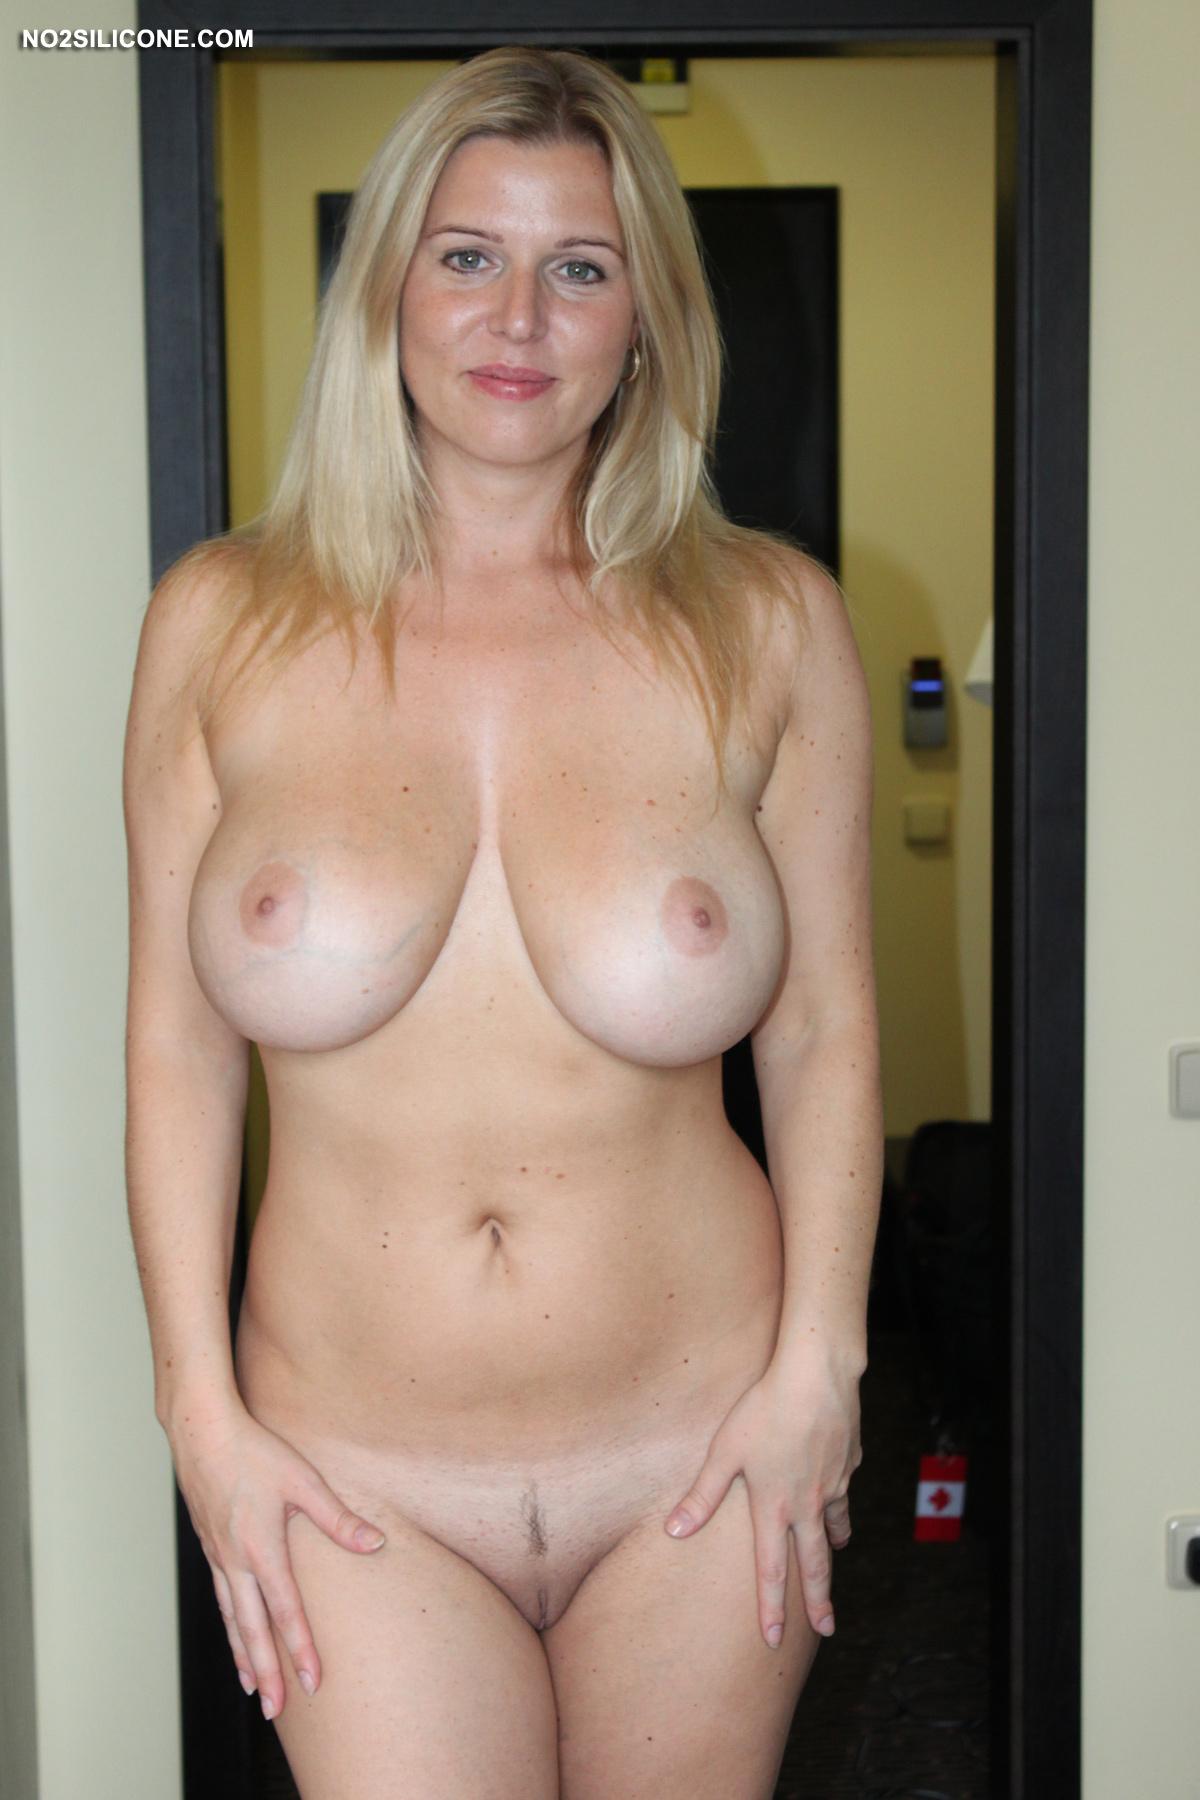 No silicone boobs